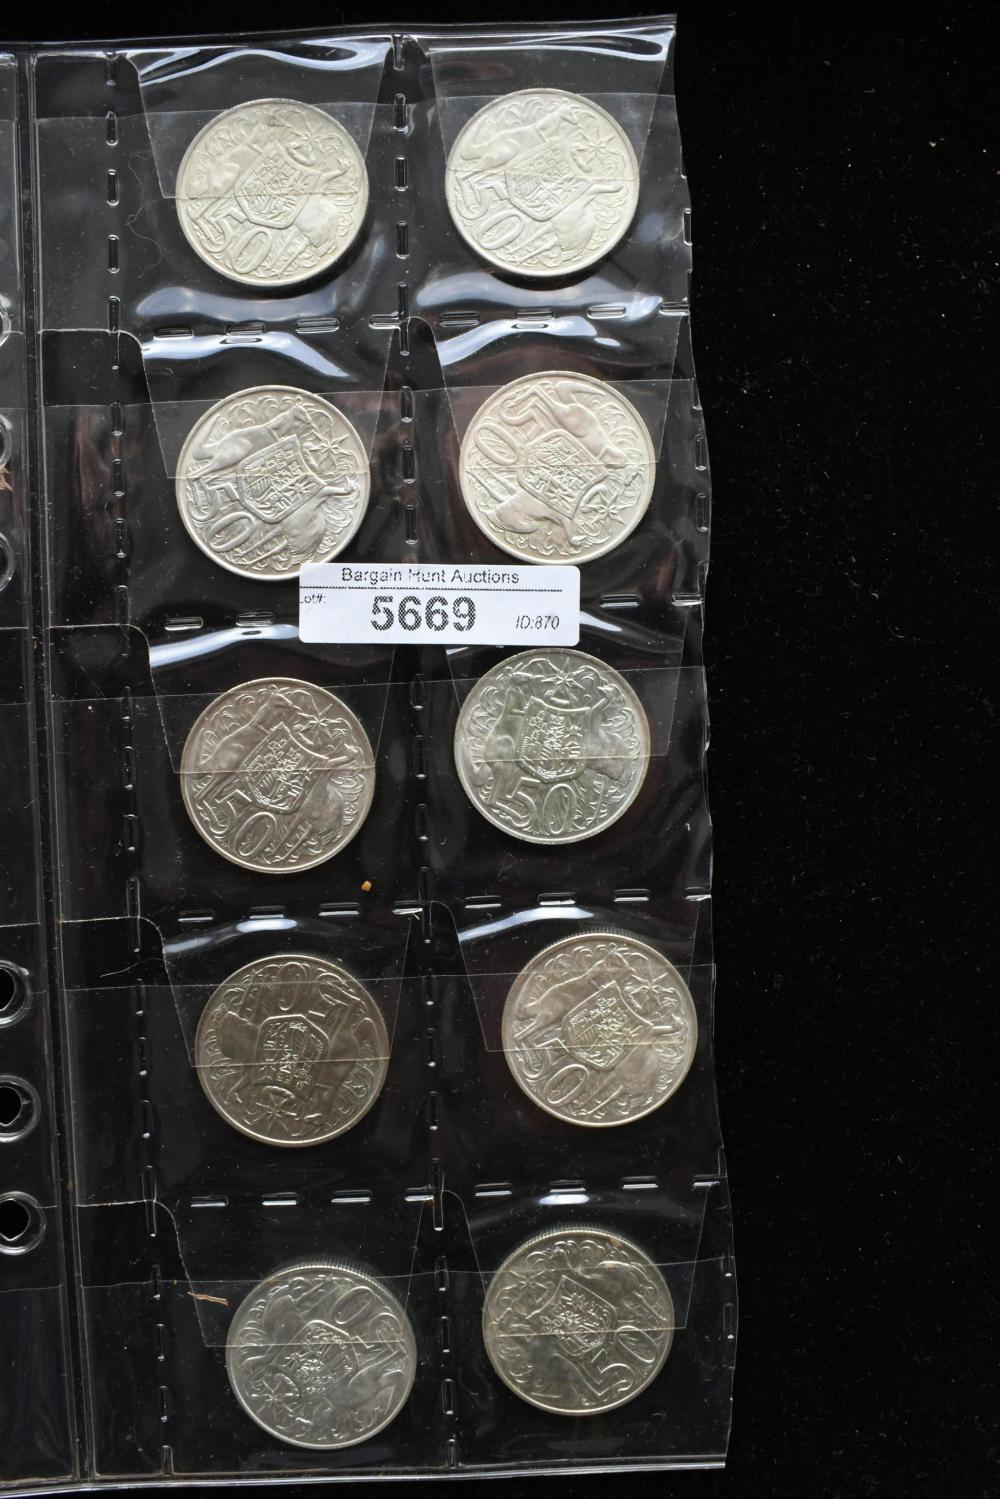 10 Australian 1966 round 50 cent coins